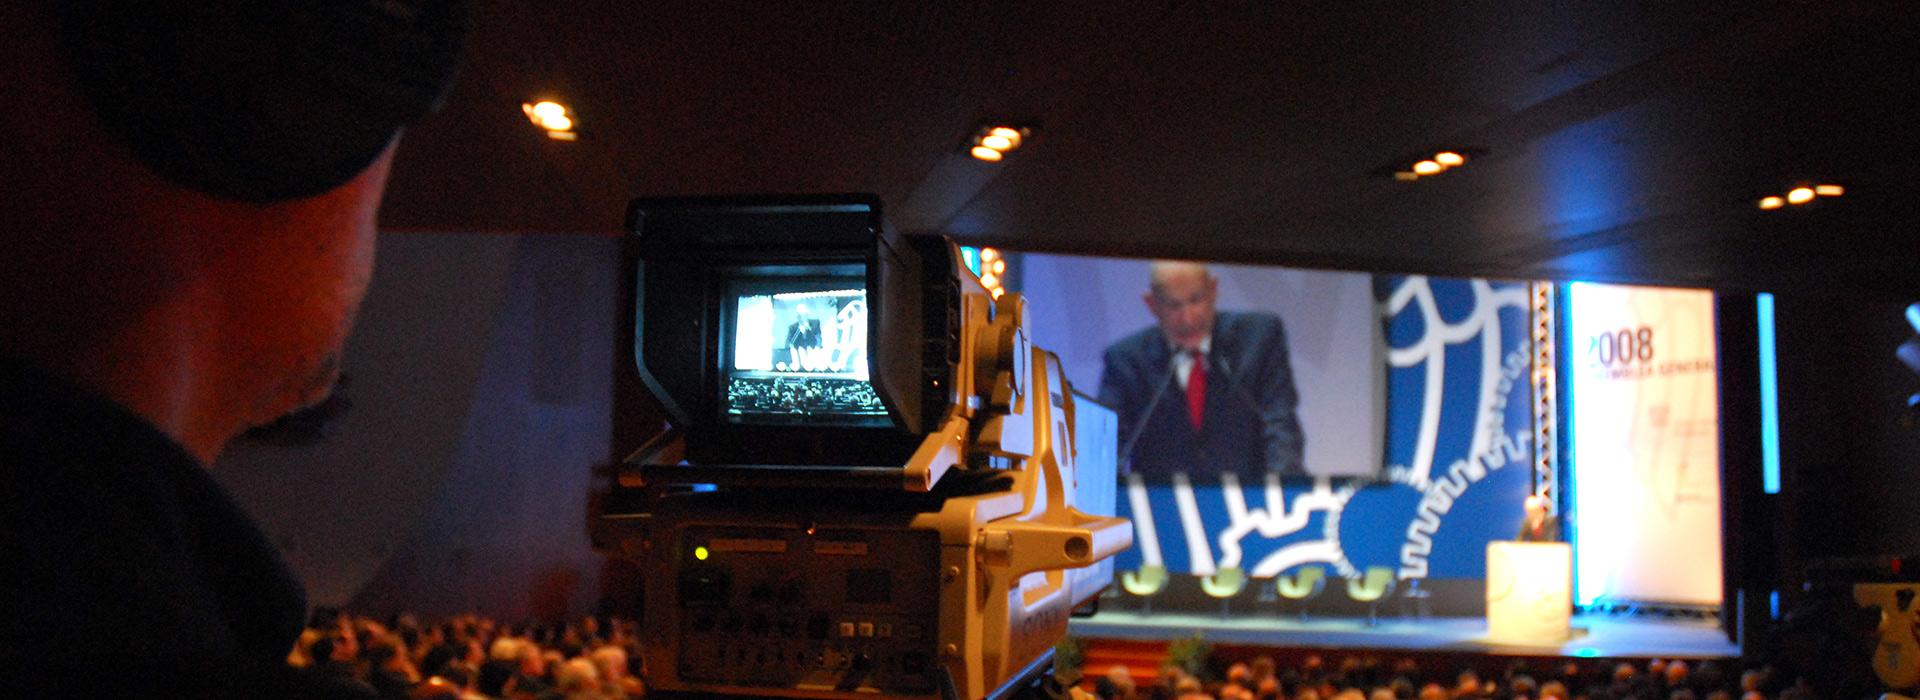 Organizzazione eventi e riprese video live